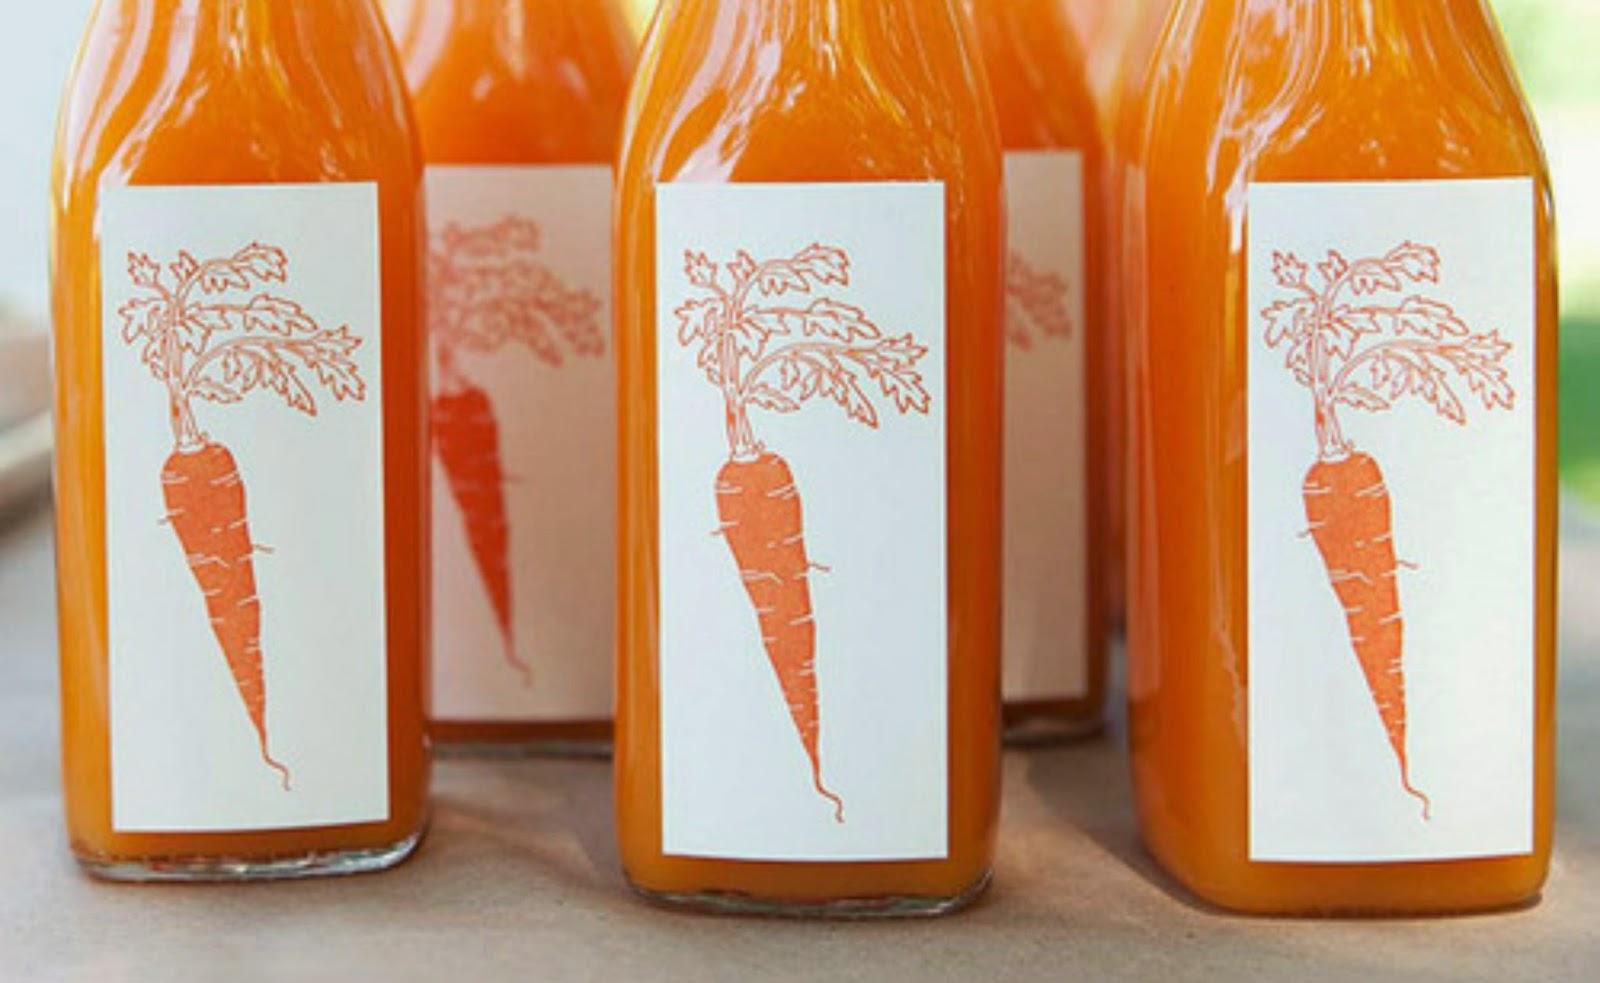 succo di carota abbronzaturaTrucco-spiaggia-mare-come-truccarsi-estivo-estate-non-si-dice-piacere-blog-buone-maniere